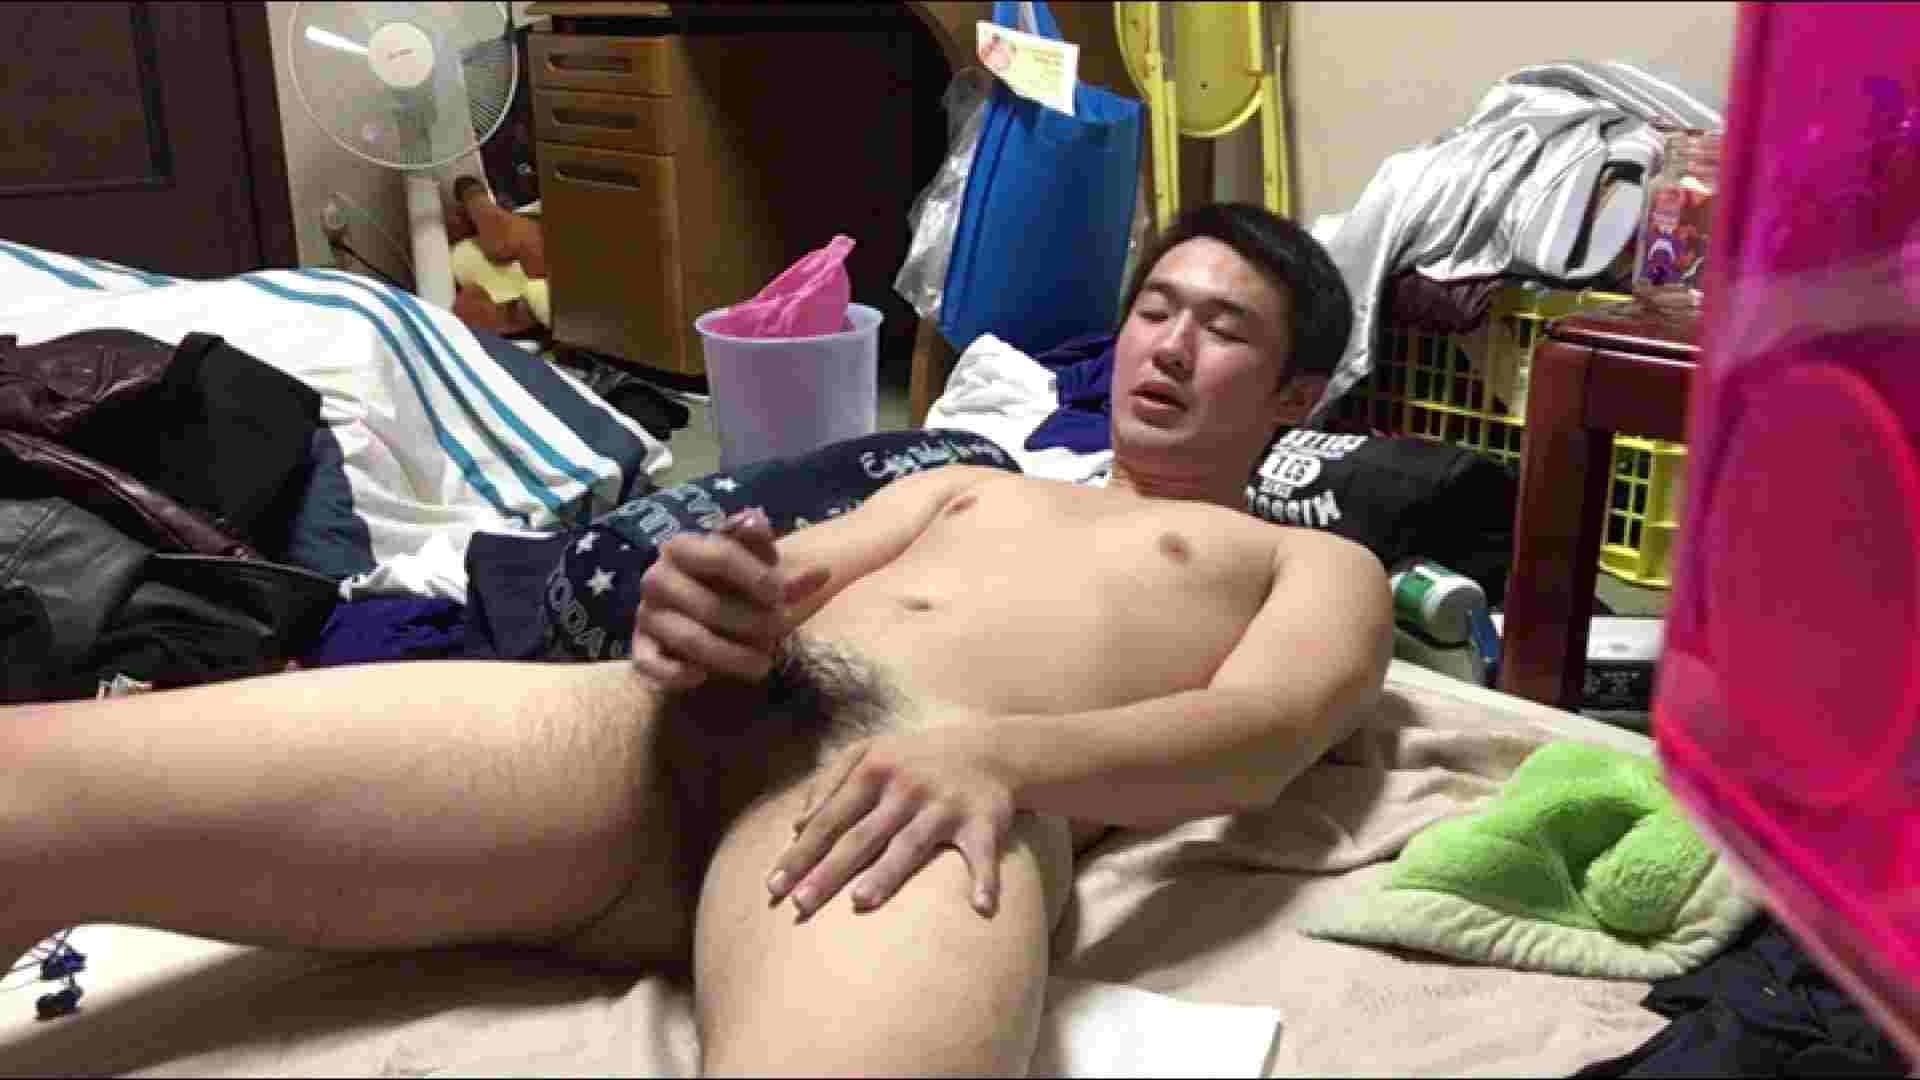 個人撮影 自慰の極意 Vol.15 自慰特集 | ゲイのオナニー映像  56枚 7